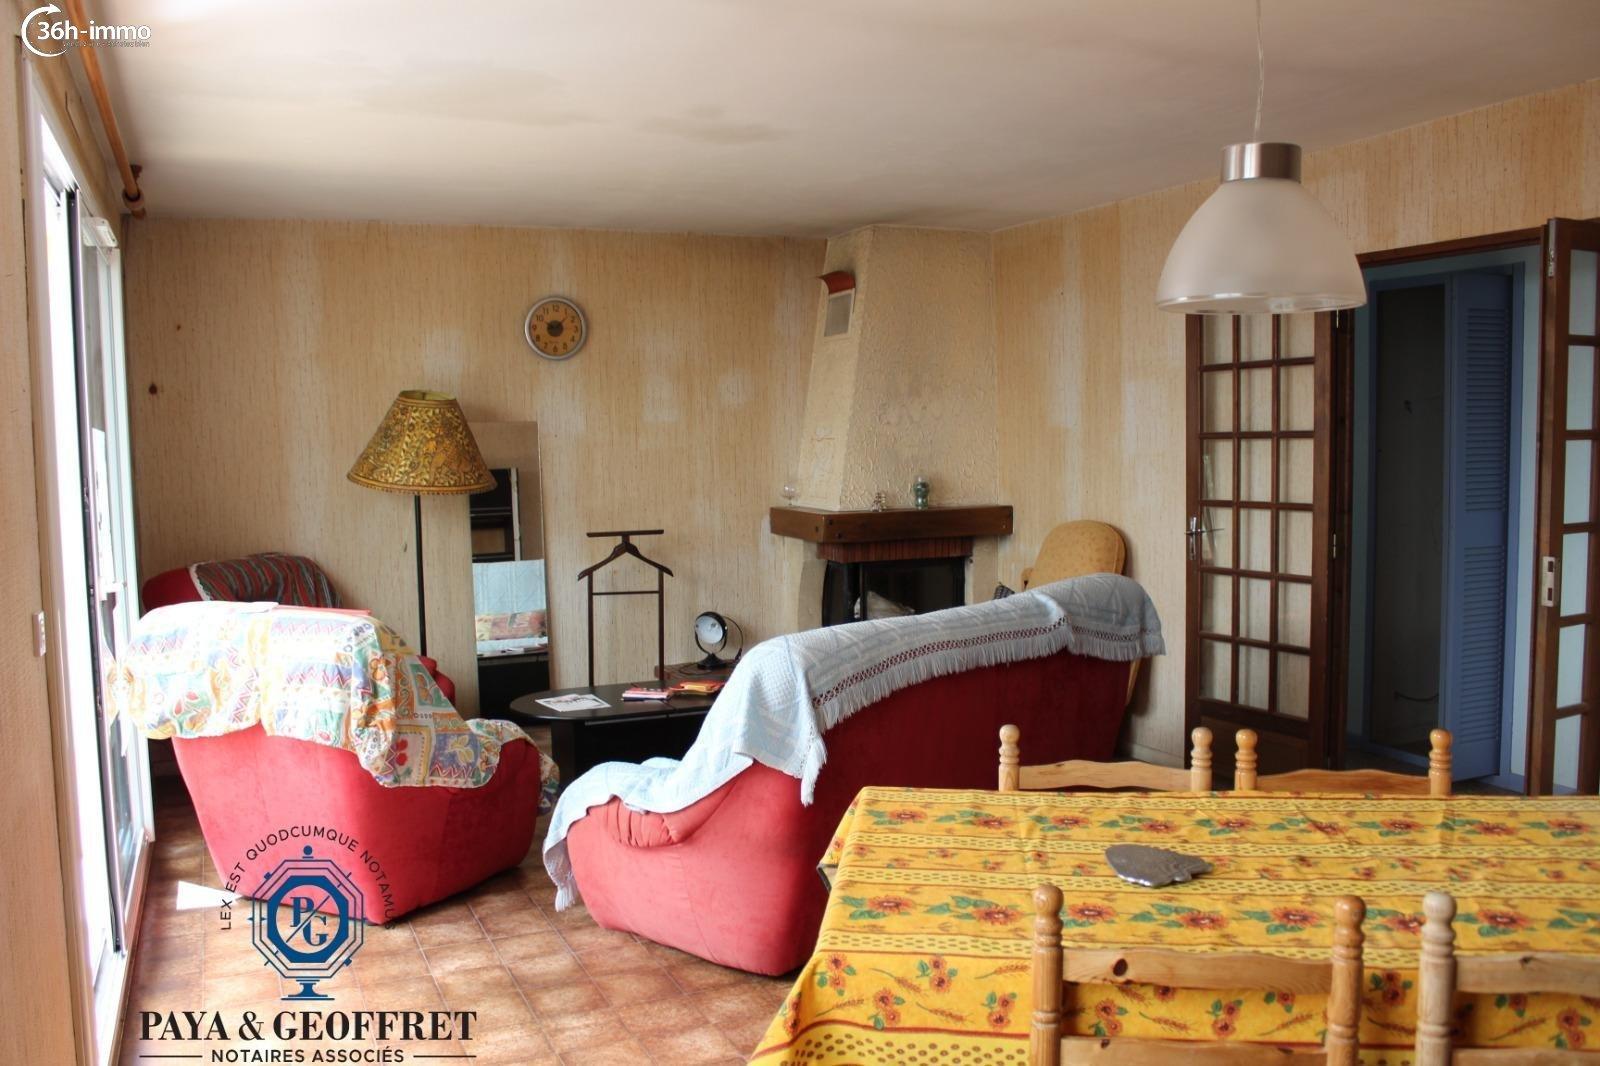 Maison La Roquebrussanne 83136 Var 116 m<sup>2</sup> 5 pi&eagrave;ces 270000 euros